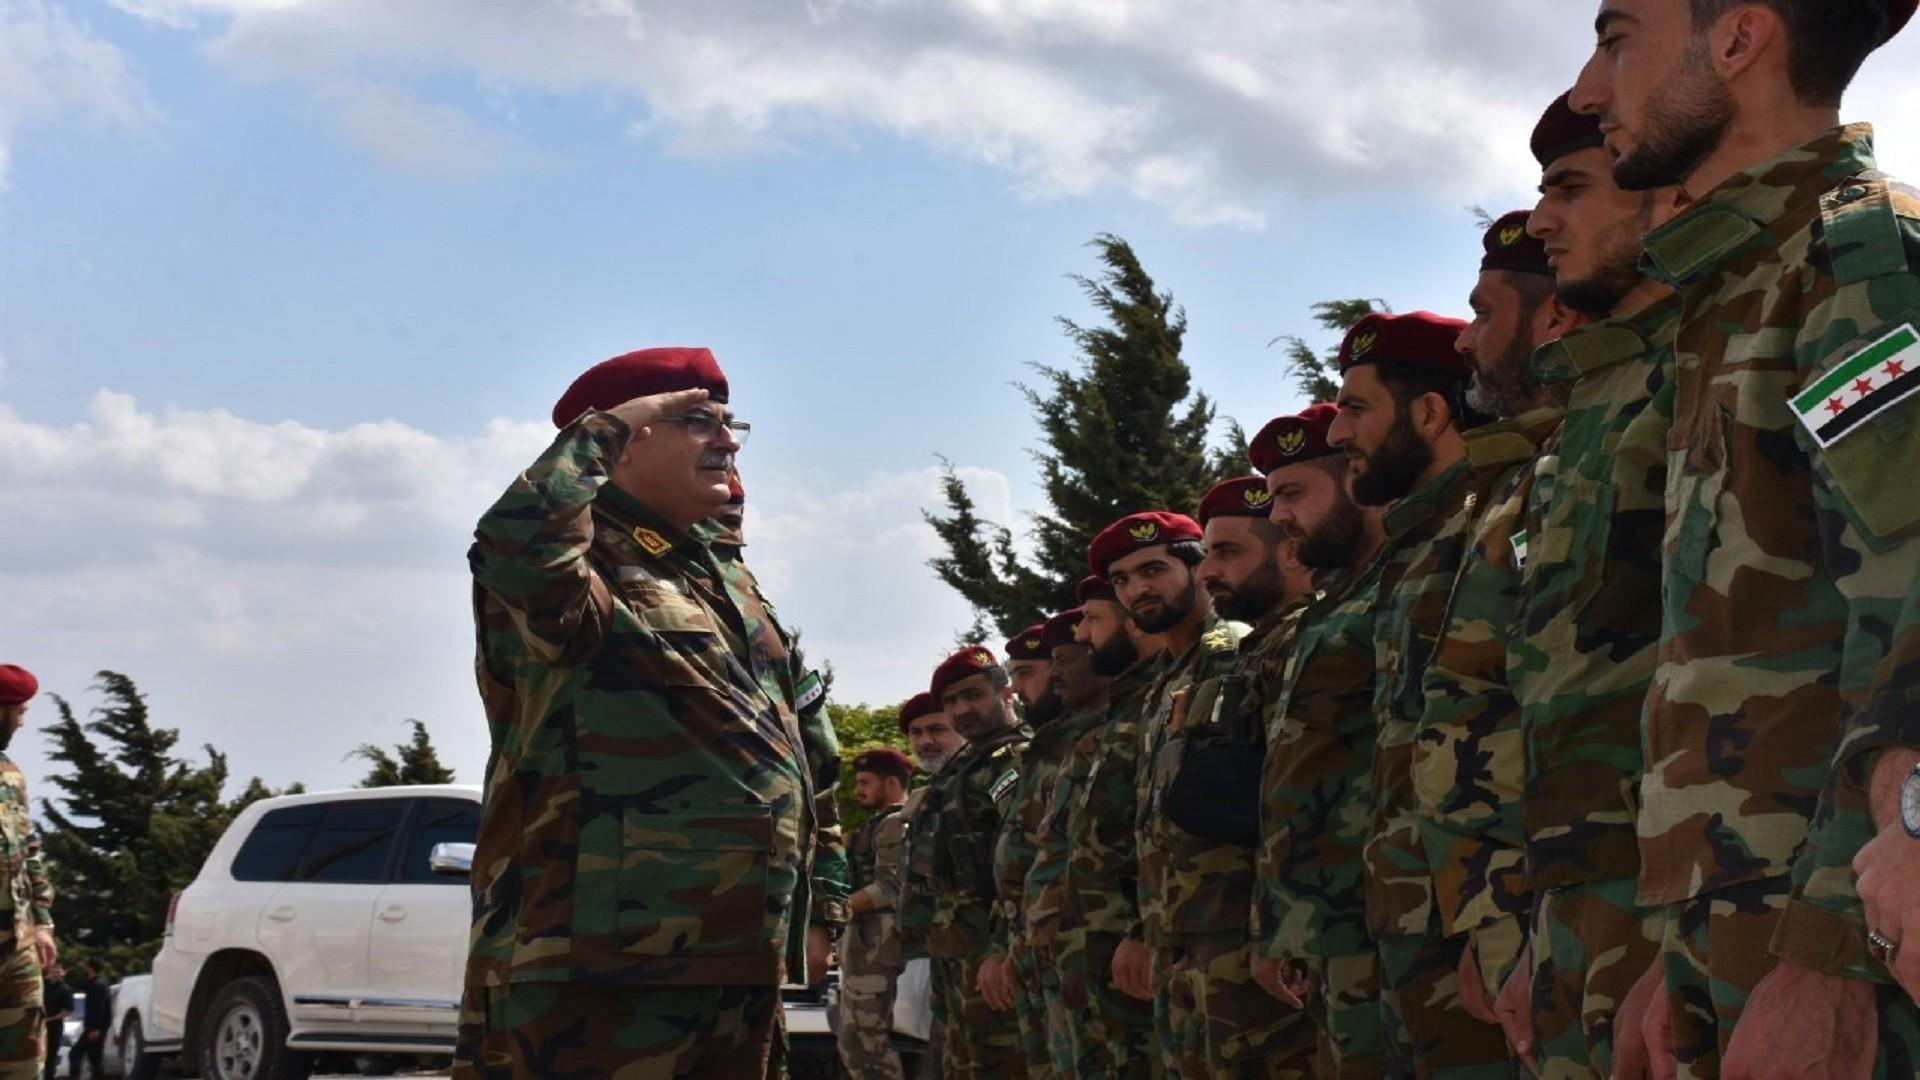 وزير الدفاع سليم إدريس وعناصر من الجيش الوطني